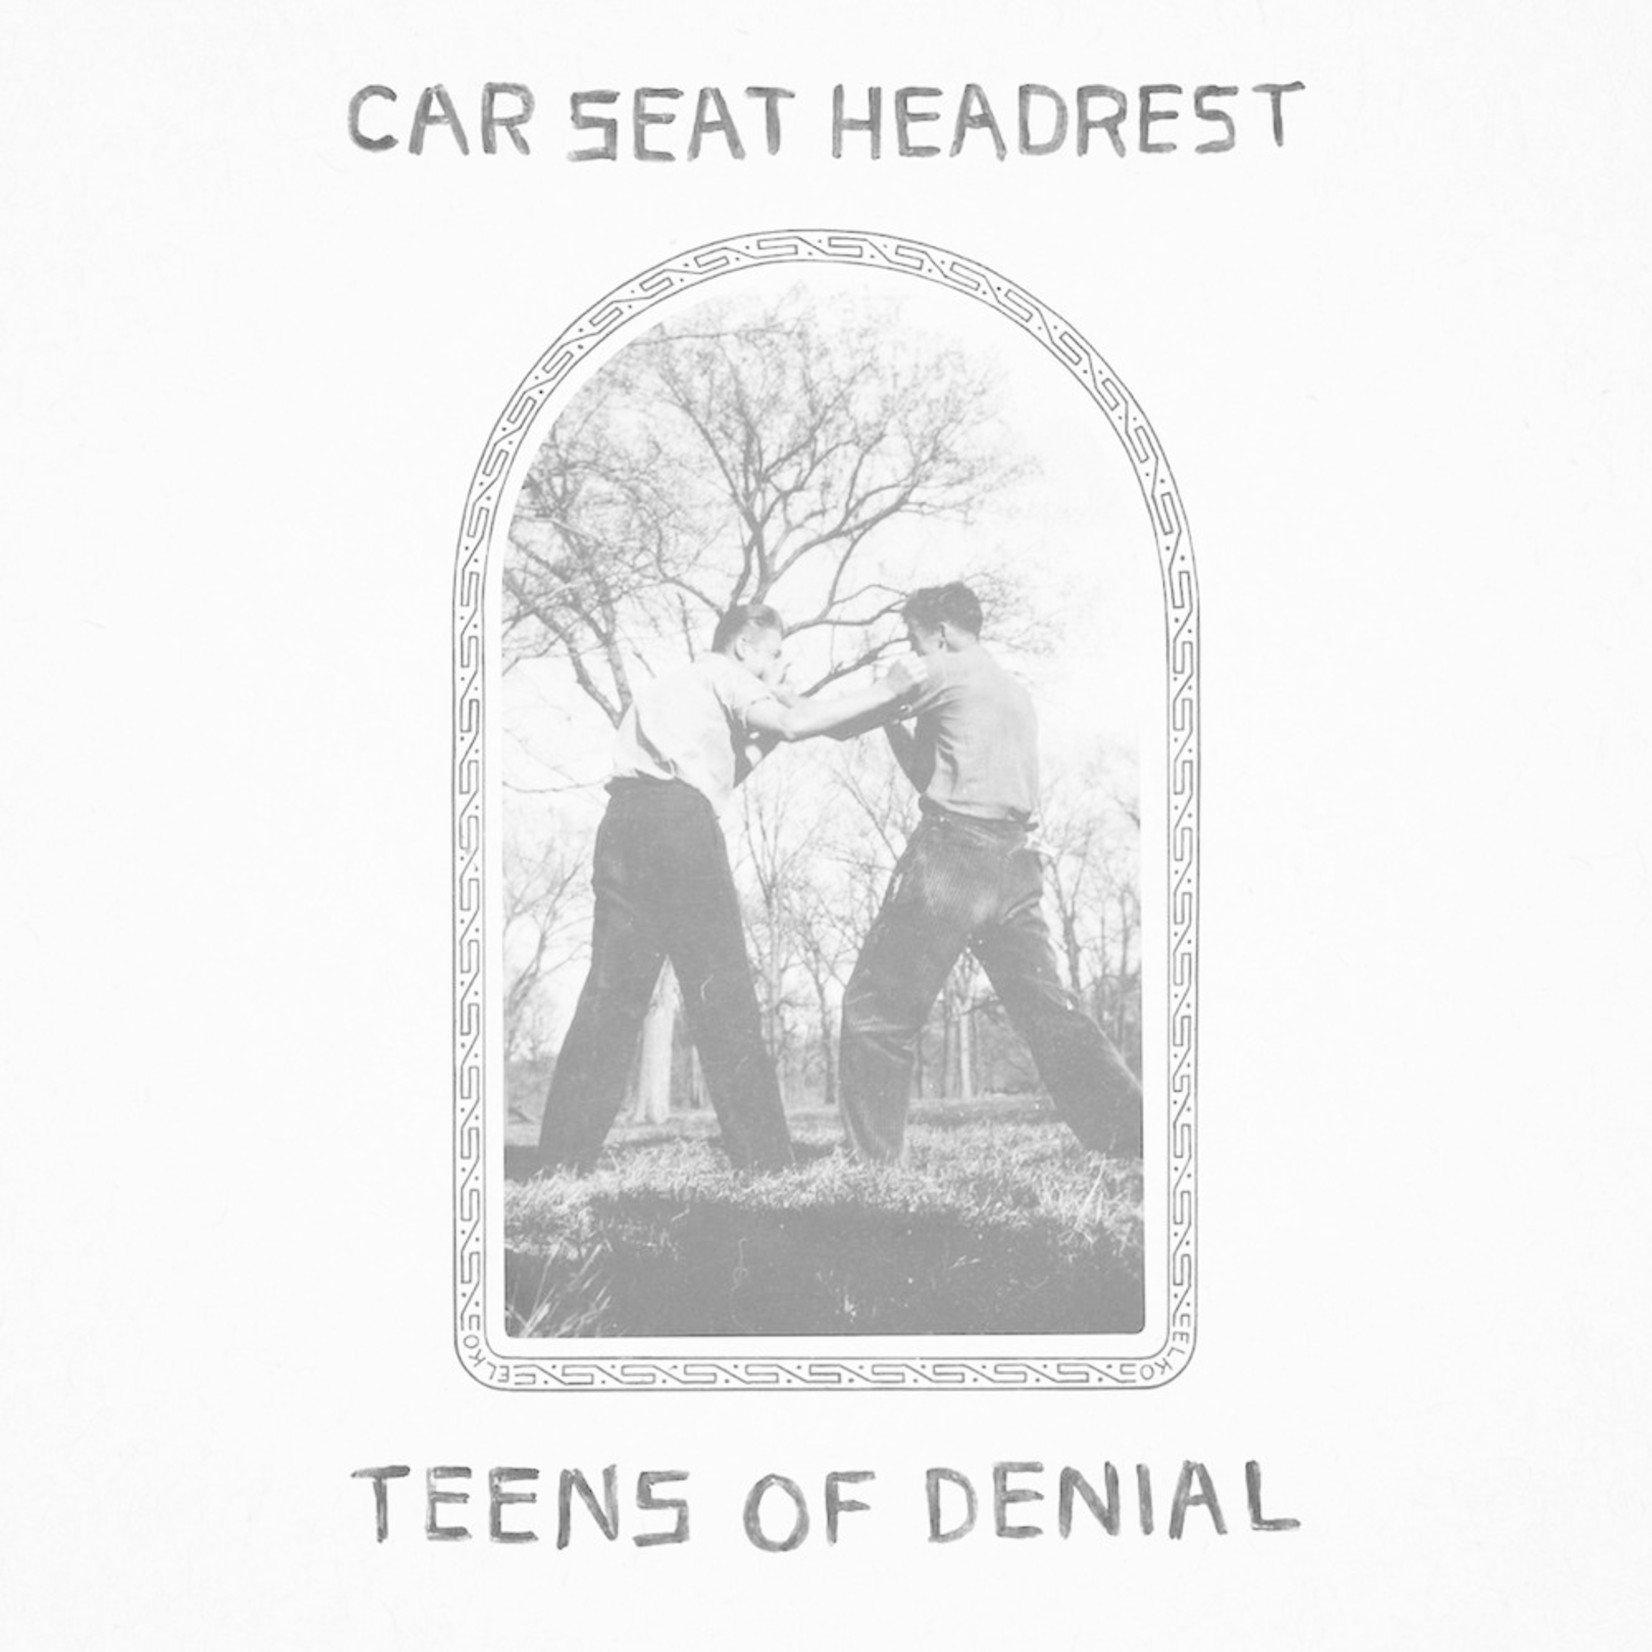 [New] Car Seat Headrest: Teens of Denial (2LP)